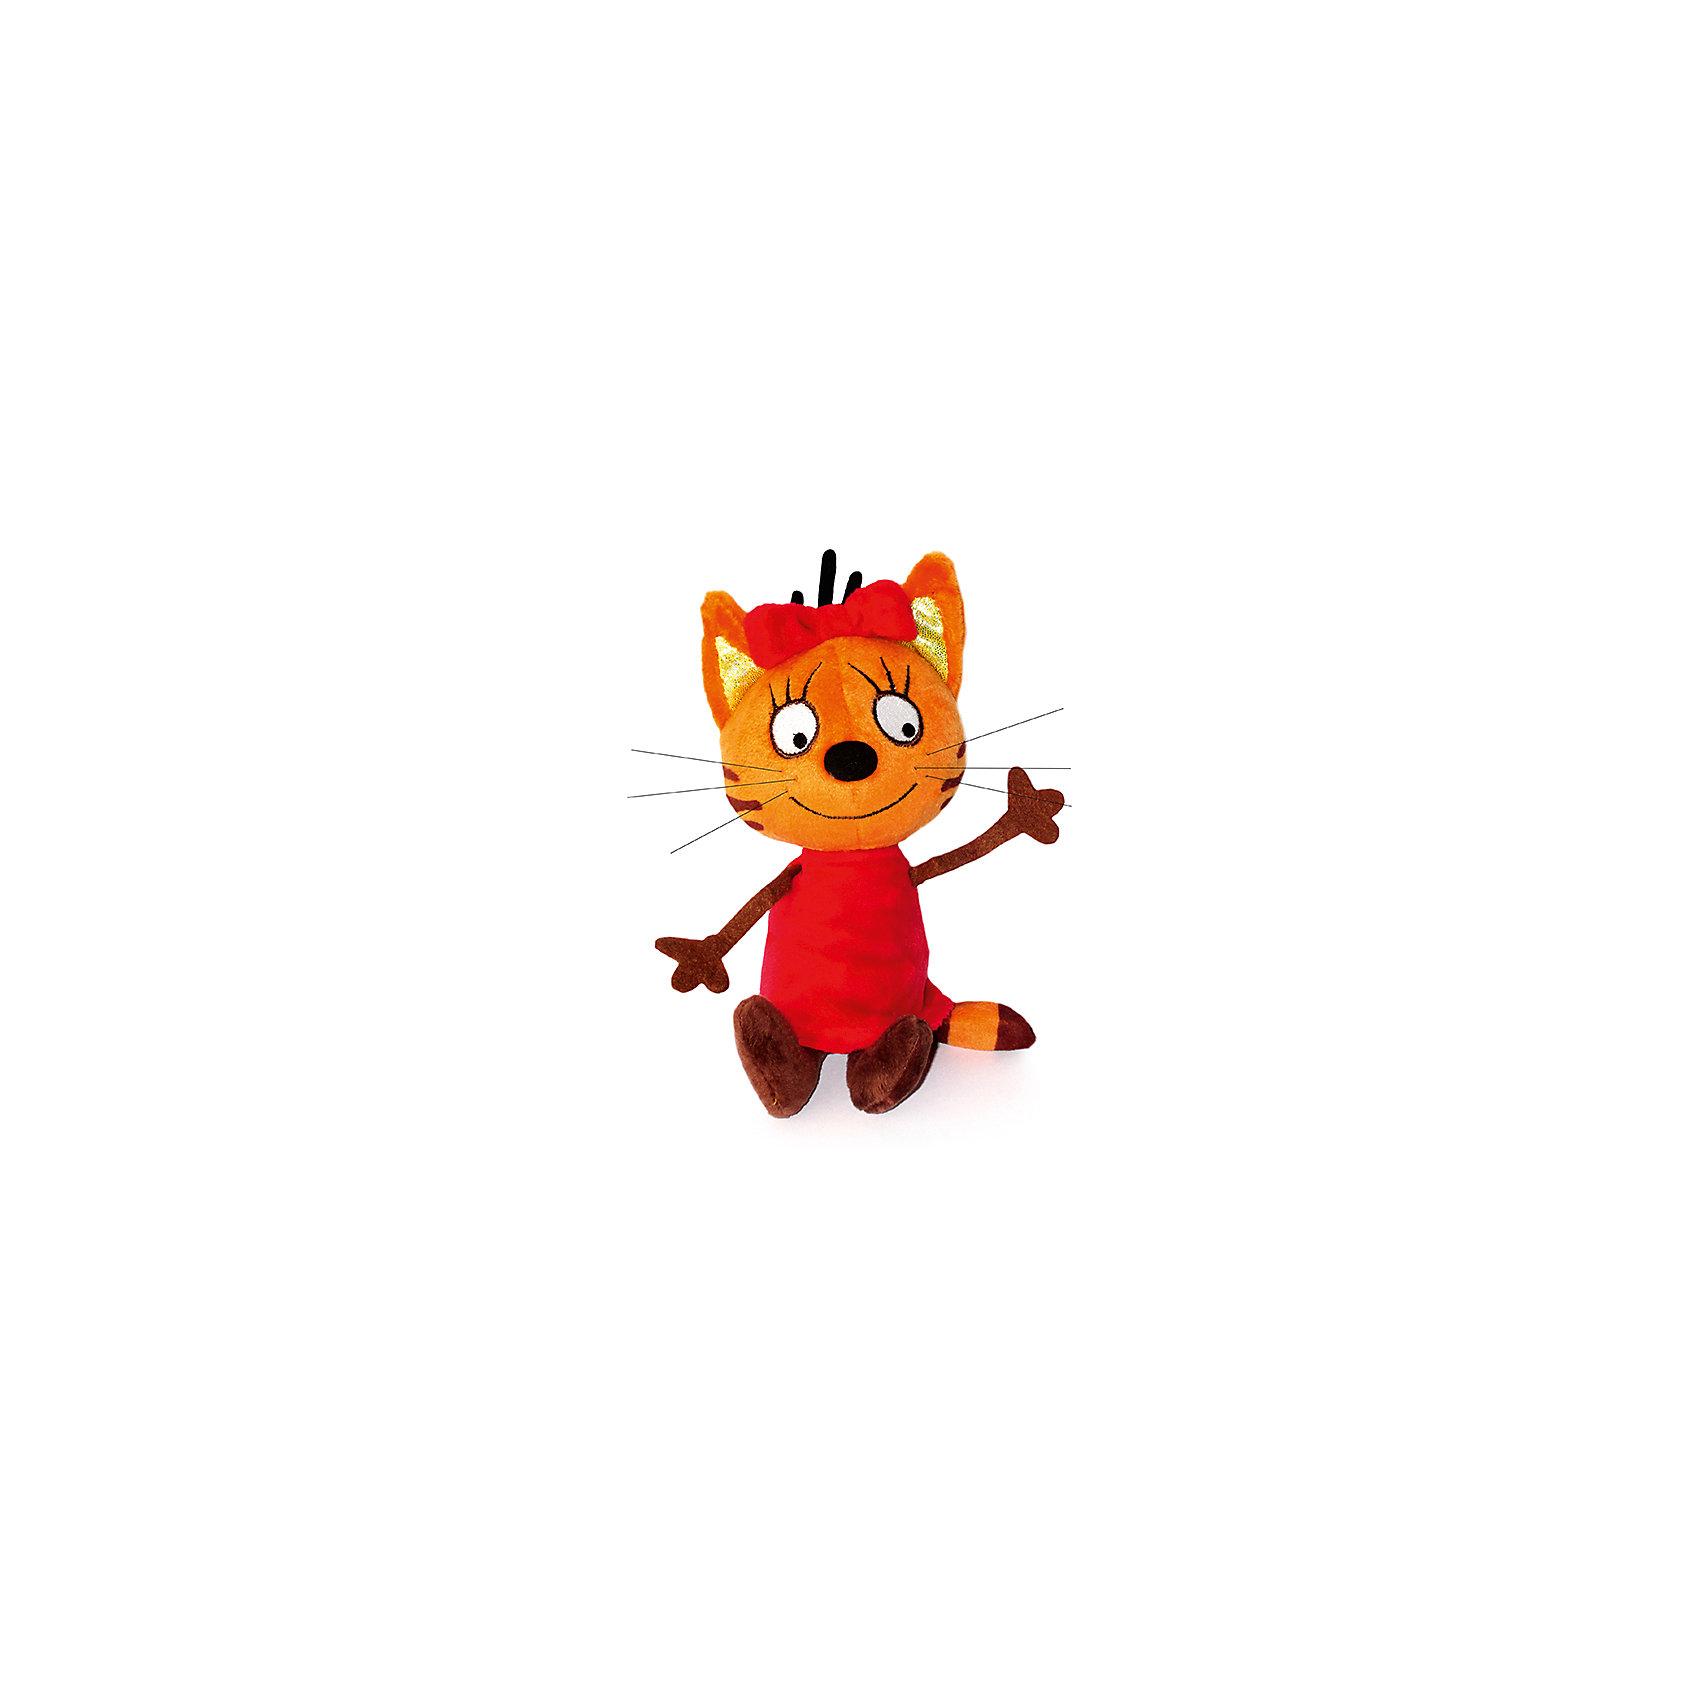 Мягкая игрушка Карамелька, 3 Кота, Мульти-Пульти, 13 смЛюбимые герои<br>Мягкая игрушка Мульти-пульти Карамелька из любимого мультфильма 3 кота станет прекрасным подарком для вашего ребёнка. Кот Компот скажет несколько фраз и споет веселую песенку. Он совсем небольшой, поэтому ребёнок сможет брать его на прогулку или в путешествие. Игрушка сделана из безопасного для детей материала.<br><br>Характеристика:<br>-Размер: 13 см<br>-Вес: 80 г<br>-Материал: текстиль,пластмасса<br>-Возраст: от 3 до 7 лет<br>-Марка: Мульти-пульти<br>Мягкая игрушка Карамелька, 3 Кота, Мульти-Пульти, 13 см<br> вы можете приобрести в нашем интернет-магазине.<br><br>Ширина мм: 70<br>Глубина мм: 270<br>Высота мм: 200<br>Вес г: 80<br>Возраст от месяцев: 36<br>Возраст до месяцев: 2147483647<br>Пол: Унисекс<br>Возраст: Детский<br>SKU: 5002200